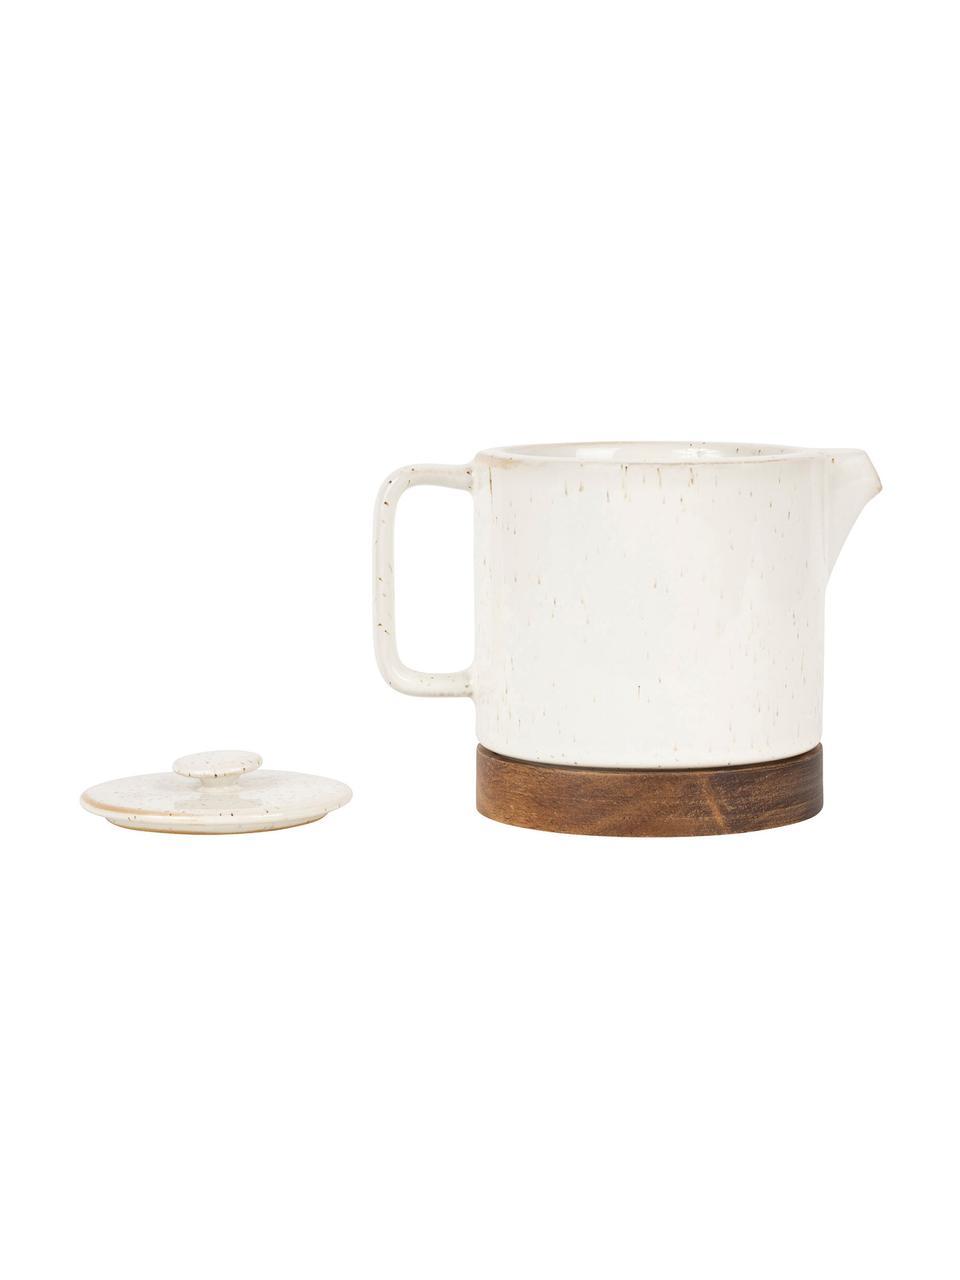 Kleine Steingut Teekanne Nordika mit Akazienholzsockel, 700 ml, Steingut, Akazienholz, Weiß, Braun, 700 ml